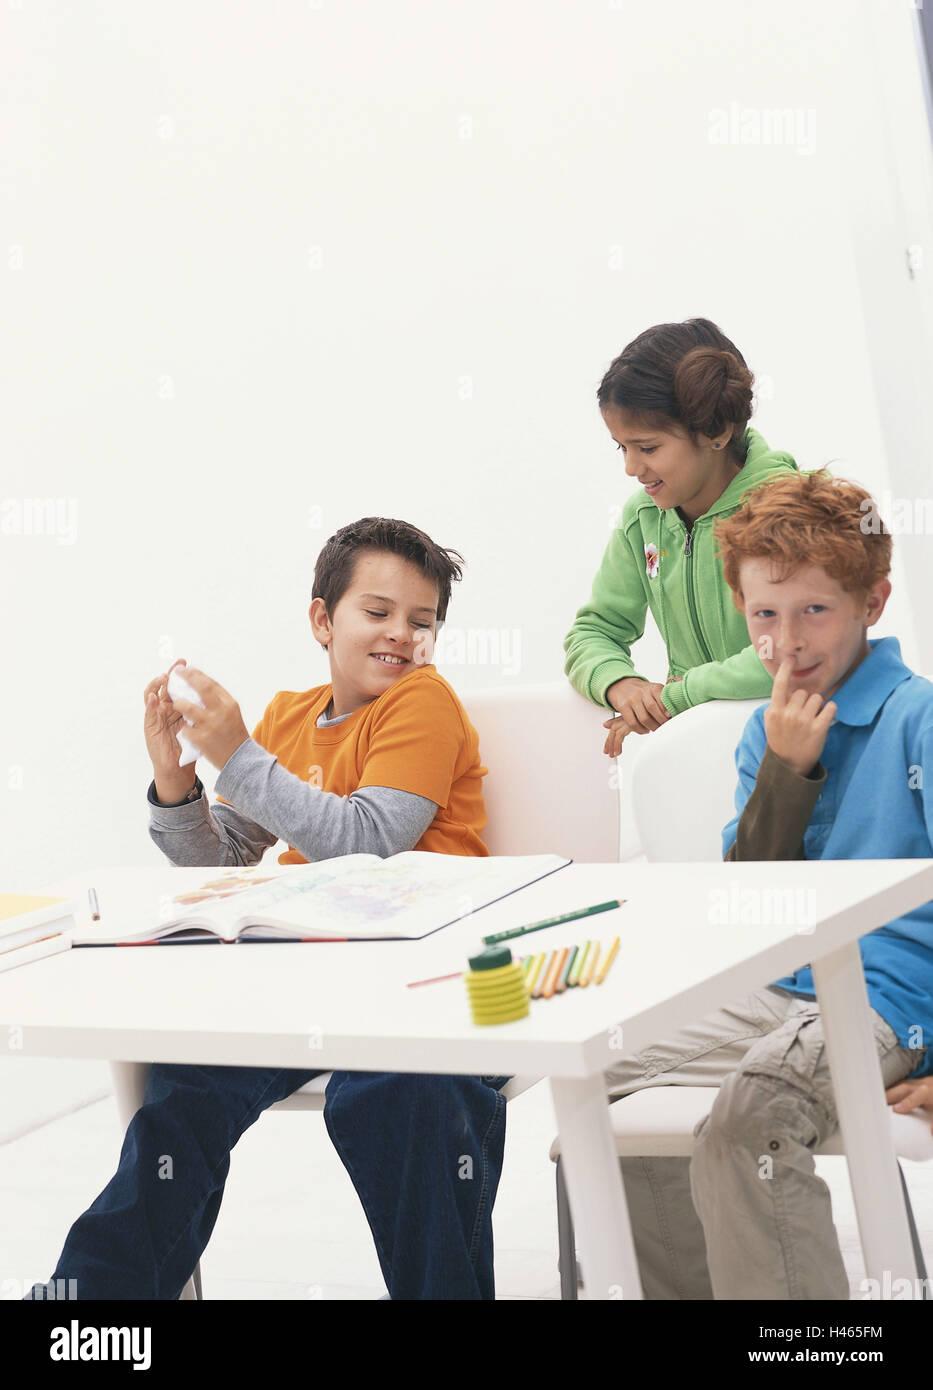 Scuola, classe, break, scolaro, scherzo, tease banco di scuola, scuola di break, persona, bambini, tre bambini della scuola primaria, gli alunni della scuola, amici, amici, conversazione, felice periodo di vita, orario scolastico, l'istruzione obbligatoria, all'interno, Foto Stock